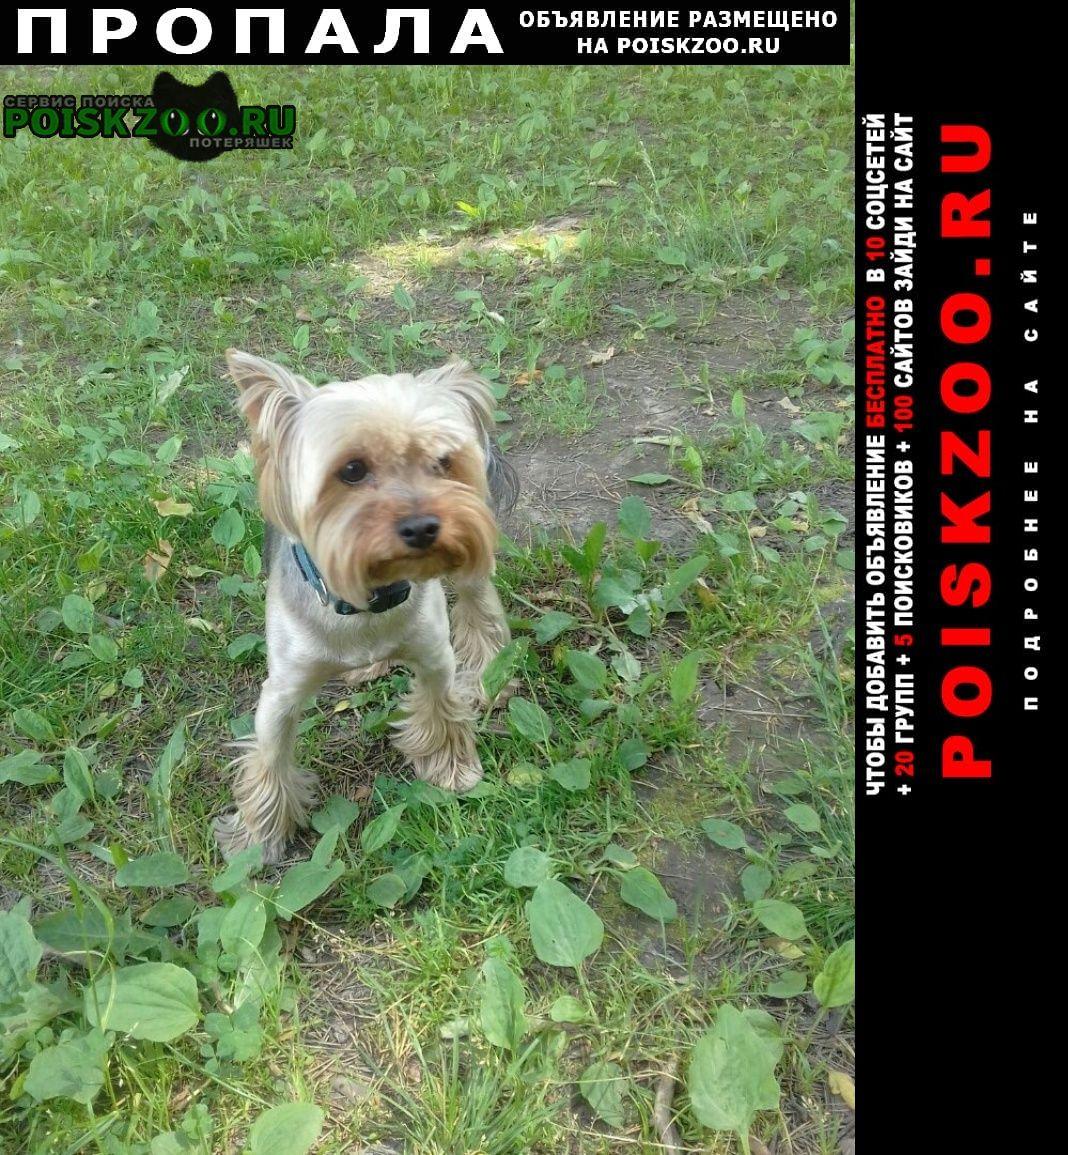 Пропала собака кобель г.Йошкар-Ола